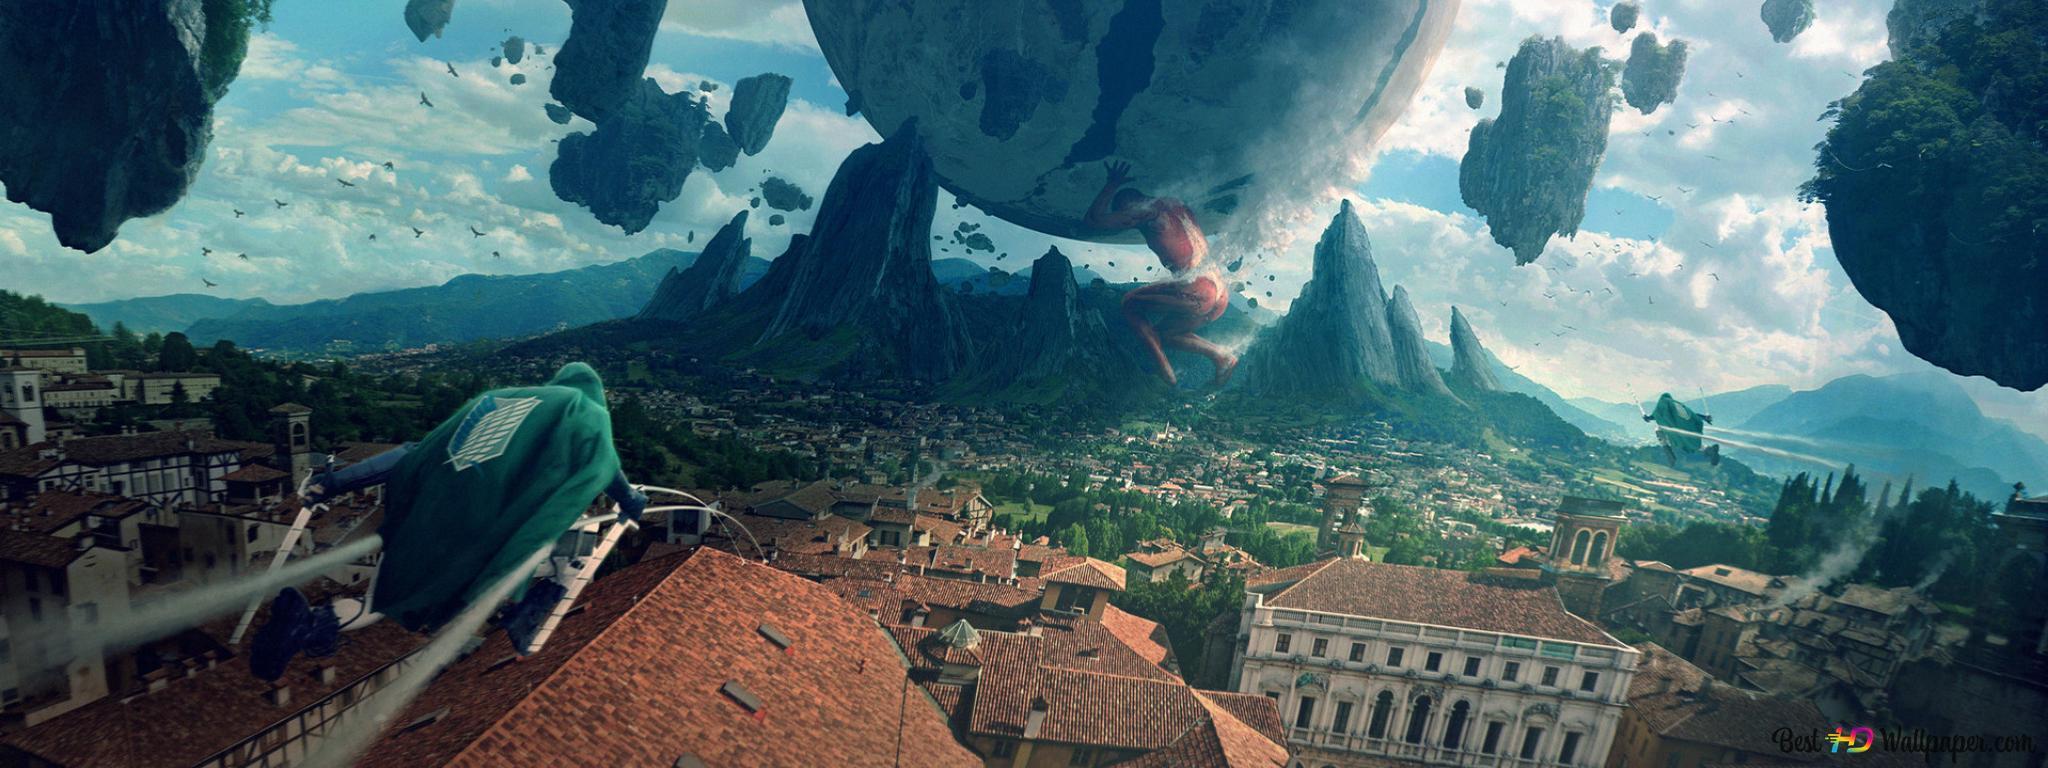 巨大タイタン 進撃の巨人 Hd壁紙のダウンロード